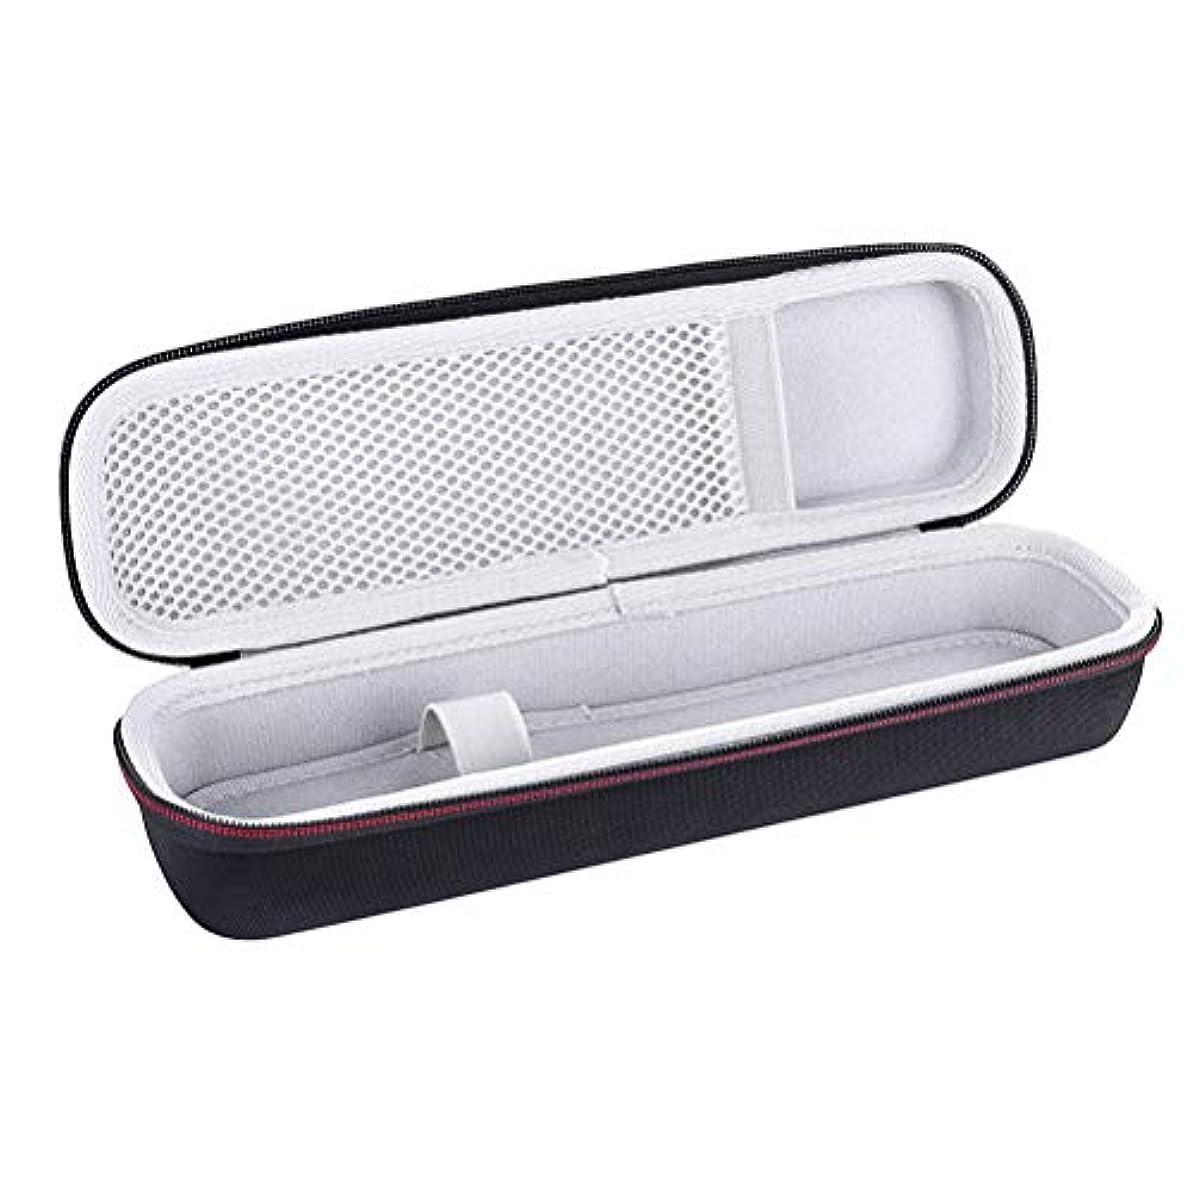 才能補償不合格Healifty 電動歯ブラシケースポータブル圧縮抵抗保護歯ブラシ収納ケース屋外旅行用